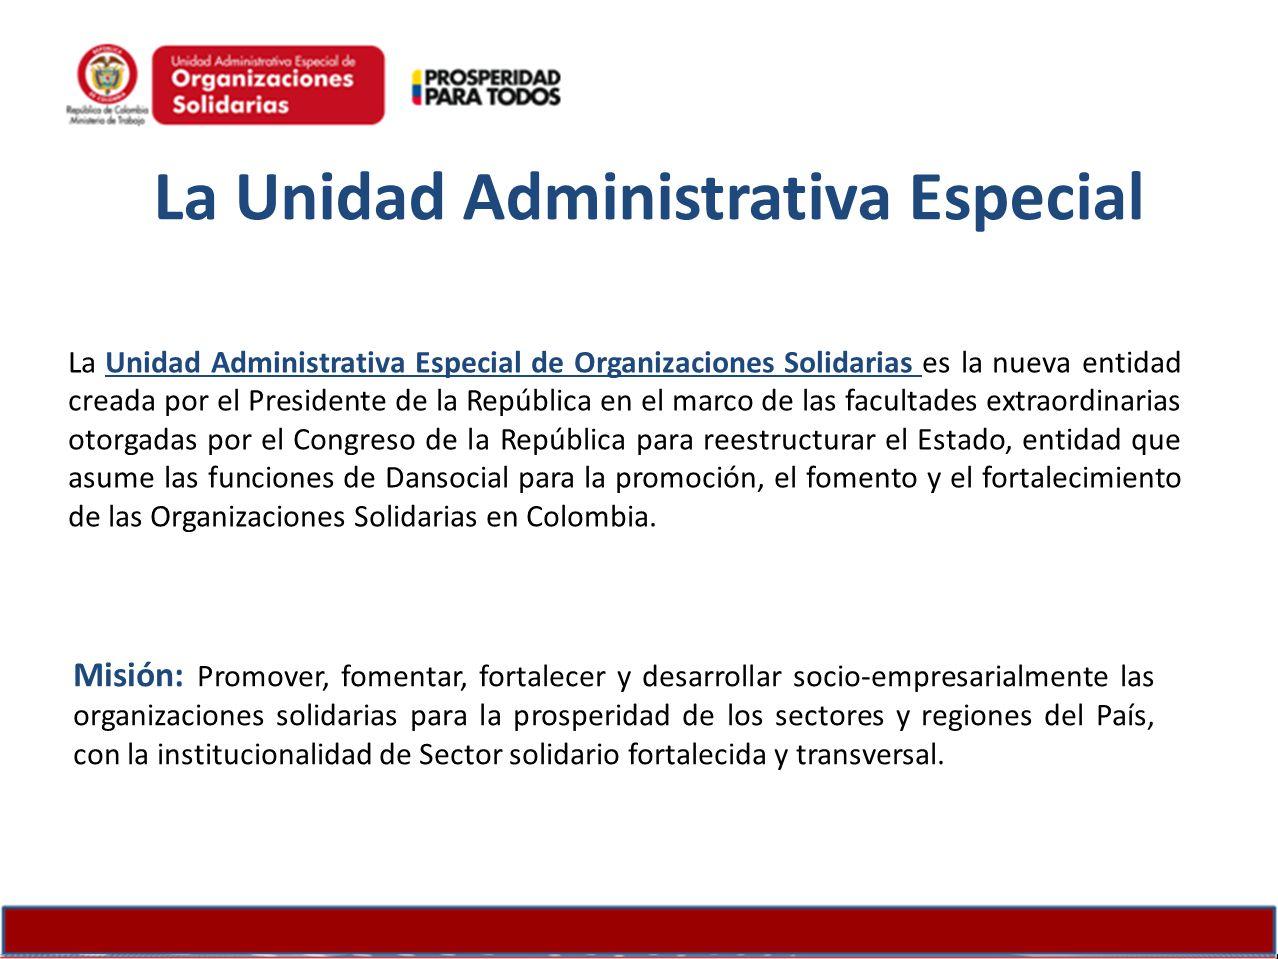 La Unidad Administrativa Especial